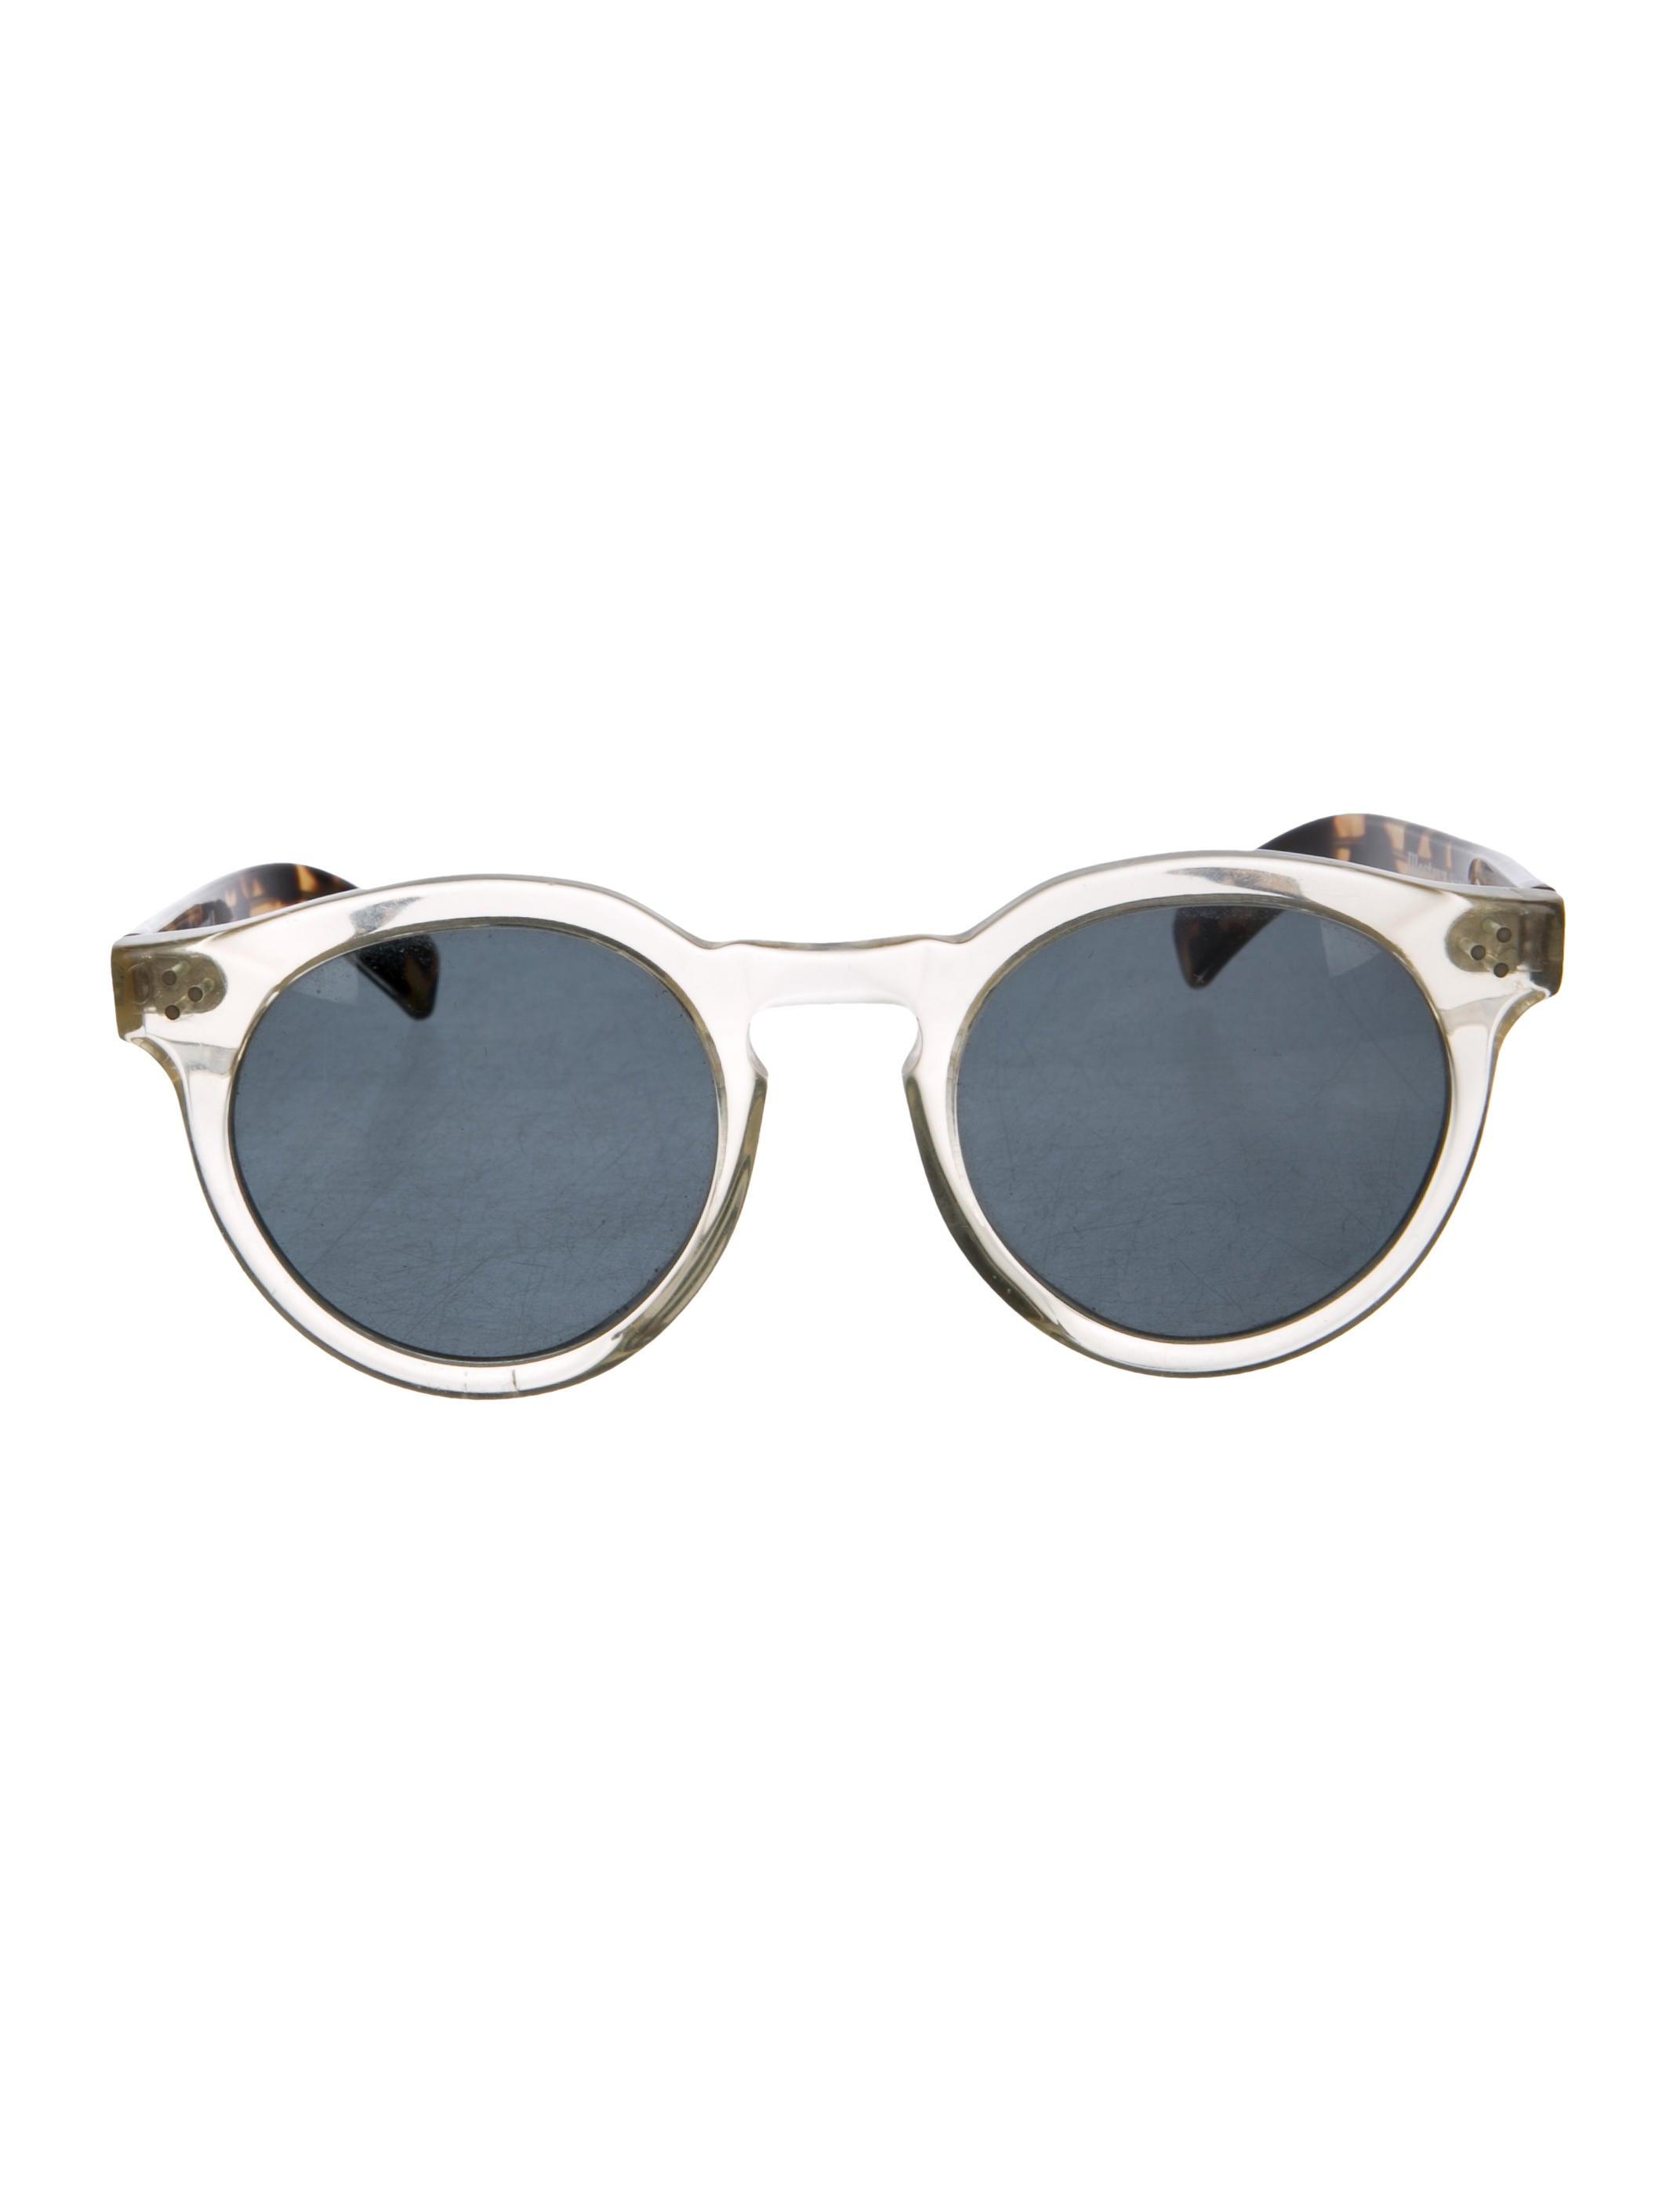 16635850e98e5 Illesteva Leonard II Tinted Sunglasses - Accessories - WVT21801 ...